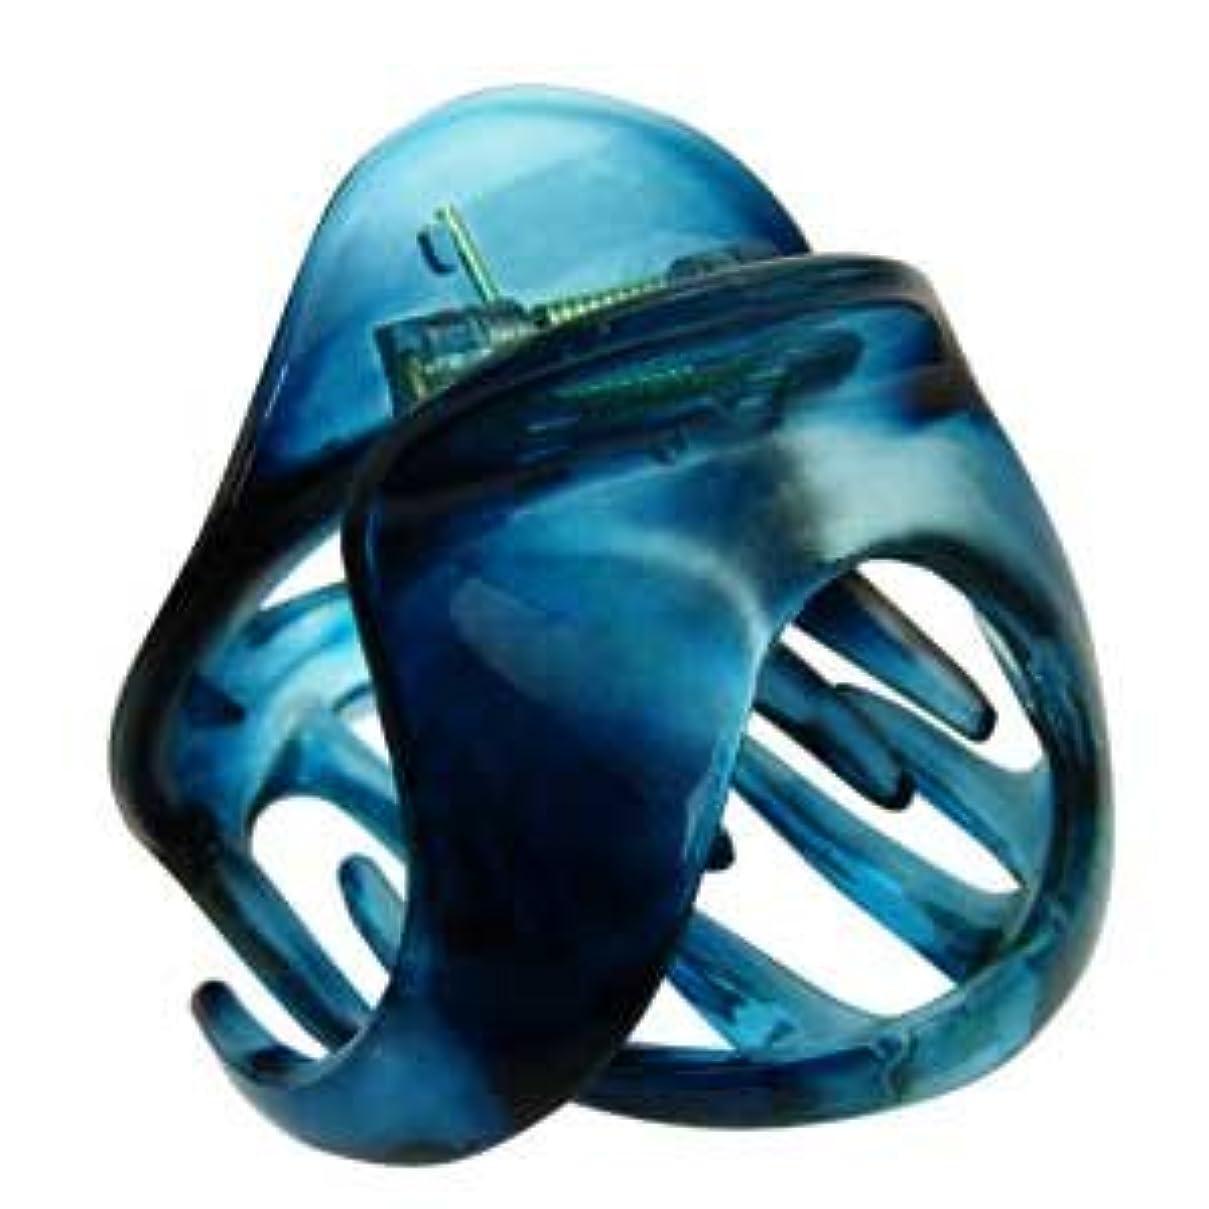 見出しアンデス山脈ヒットhaclm686nnabl ヘアアクセサリー 髪飾り (リトルムーン) バンスクリップ マルチクリップ(オニオン?クリア) アクアブルー